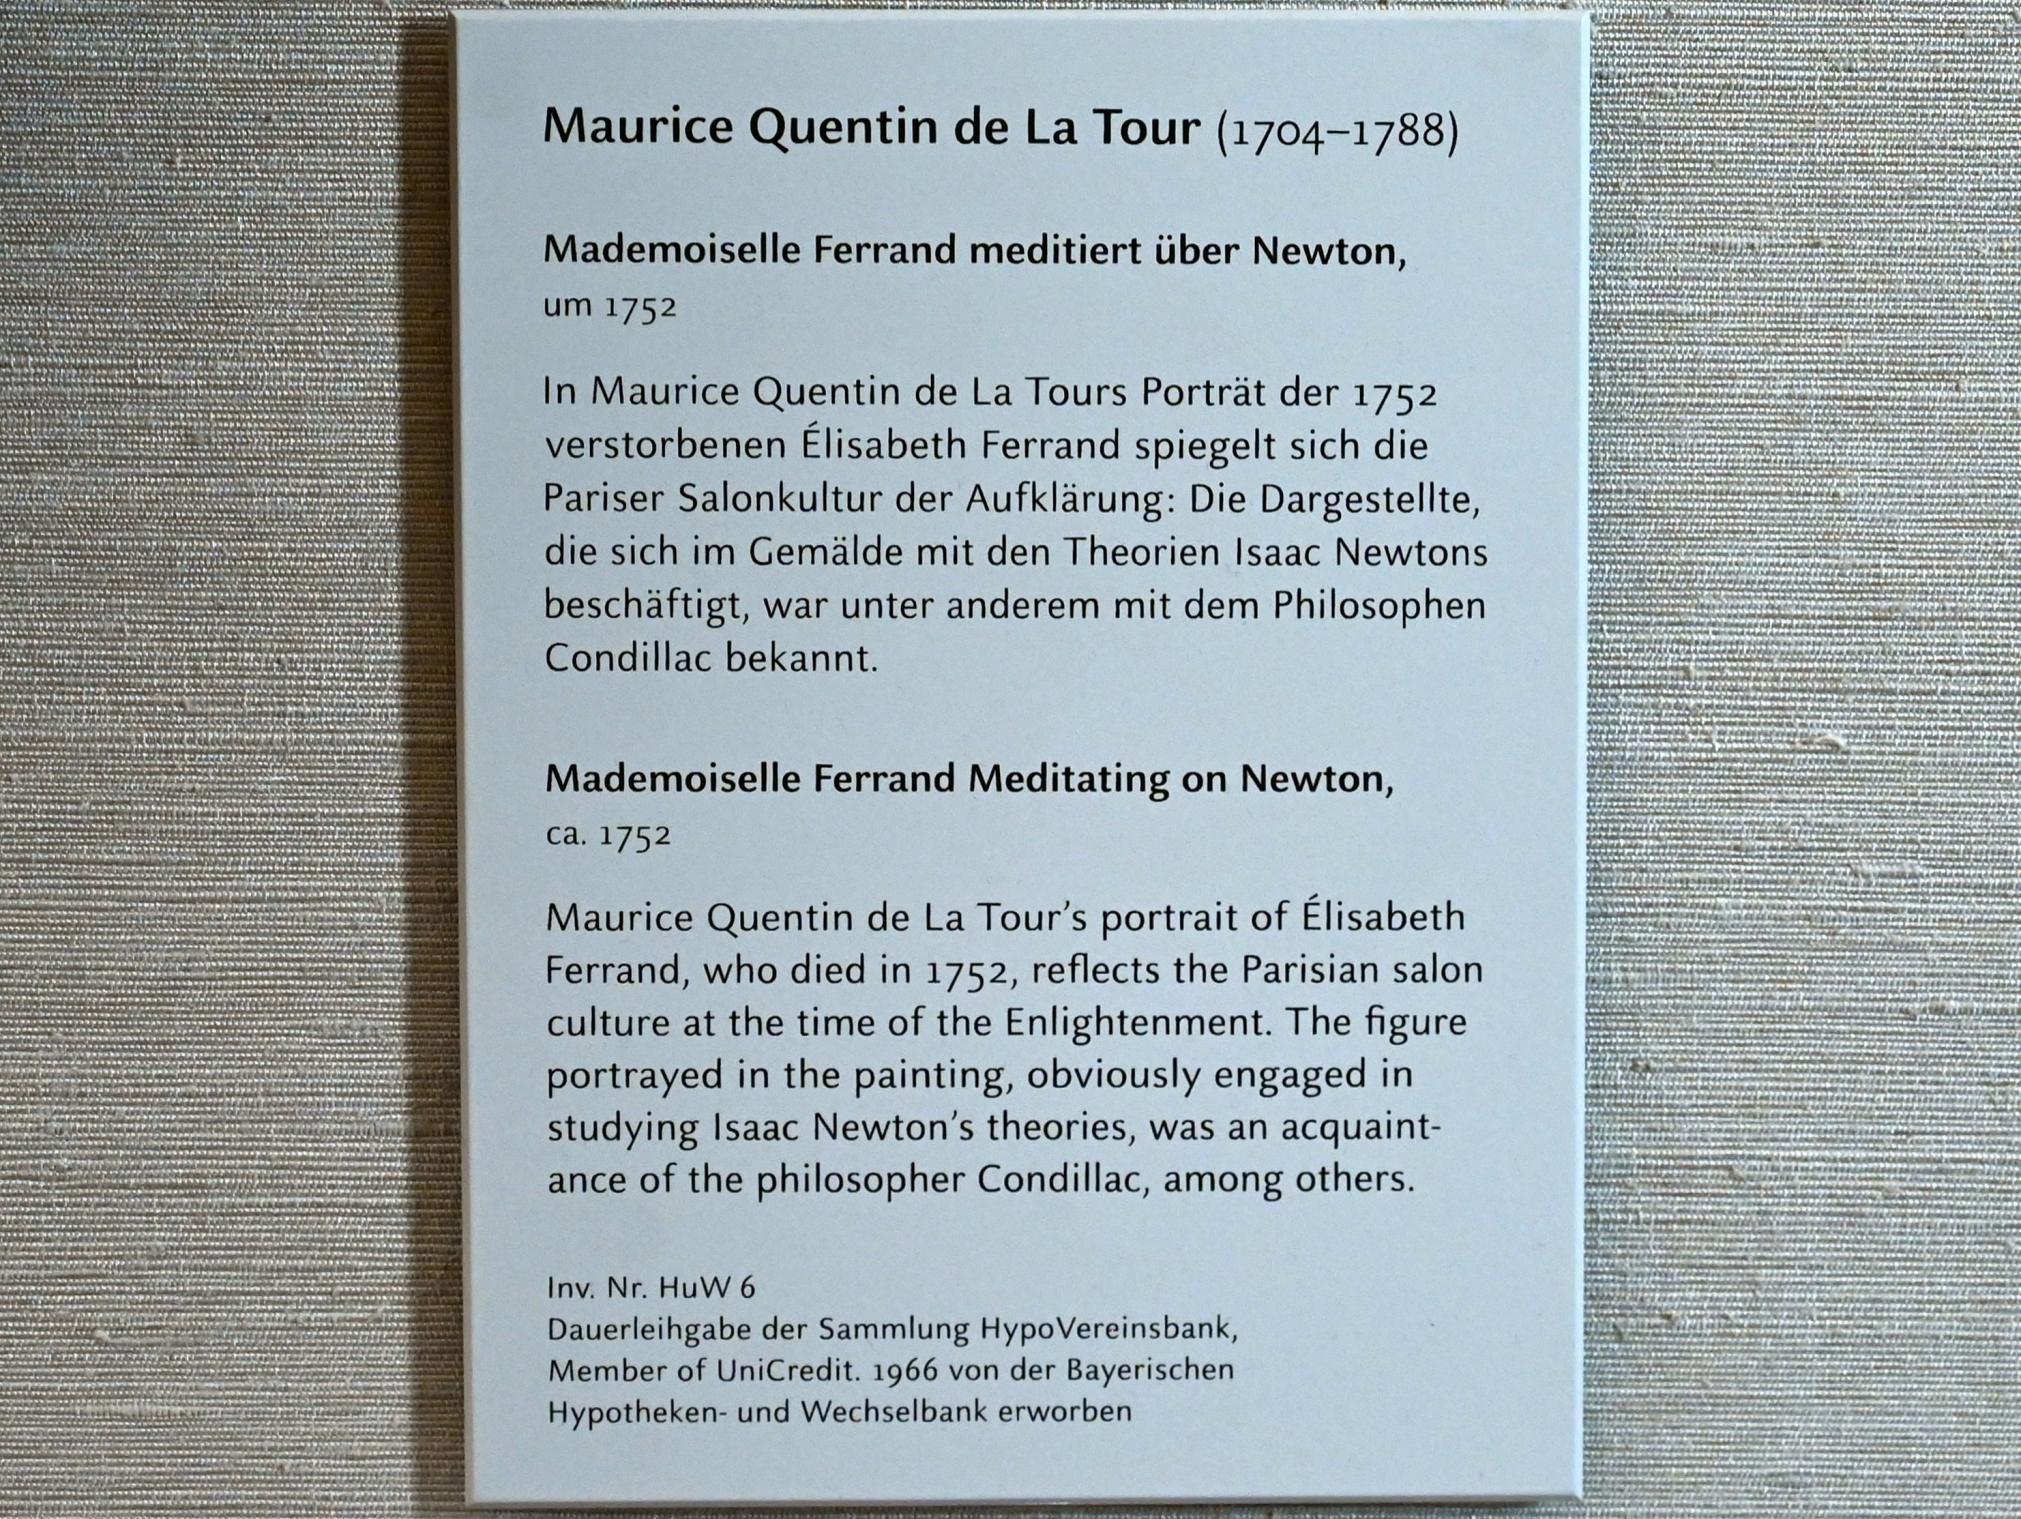 Maurice Quentin de La Tour: Mademoiselle Ferrand meditiert über Newton, um 1752, Bild 2/2